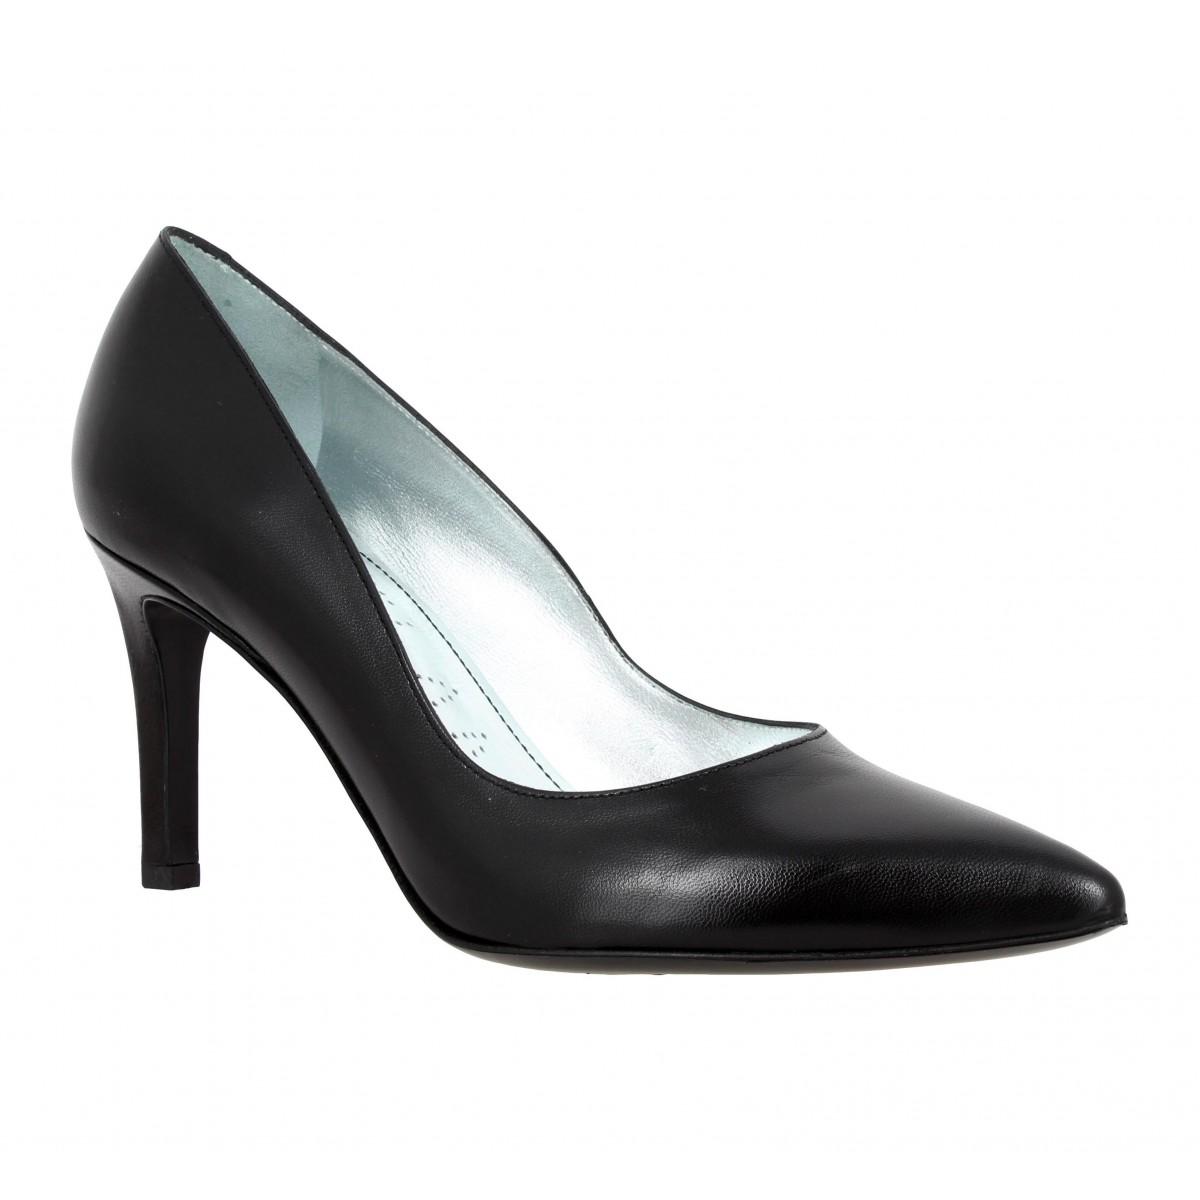 Escarpins FREE LANCE Itlys 7 Pumps cuir Femme Noir